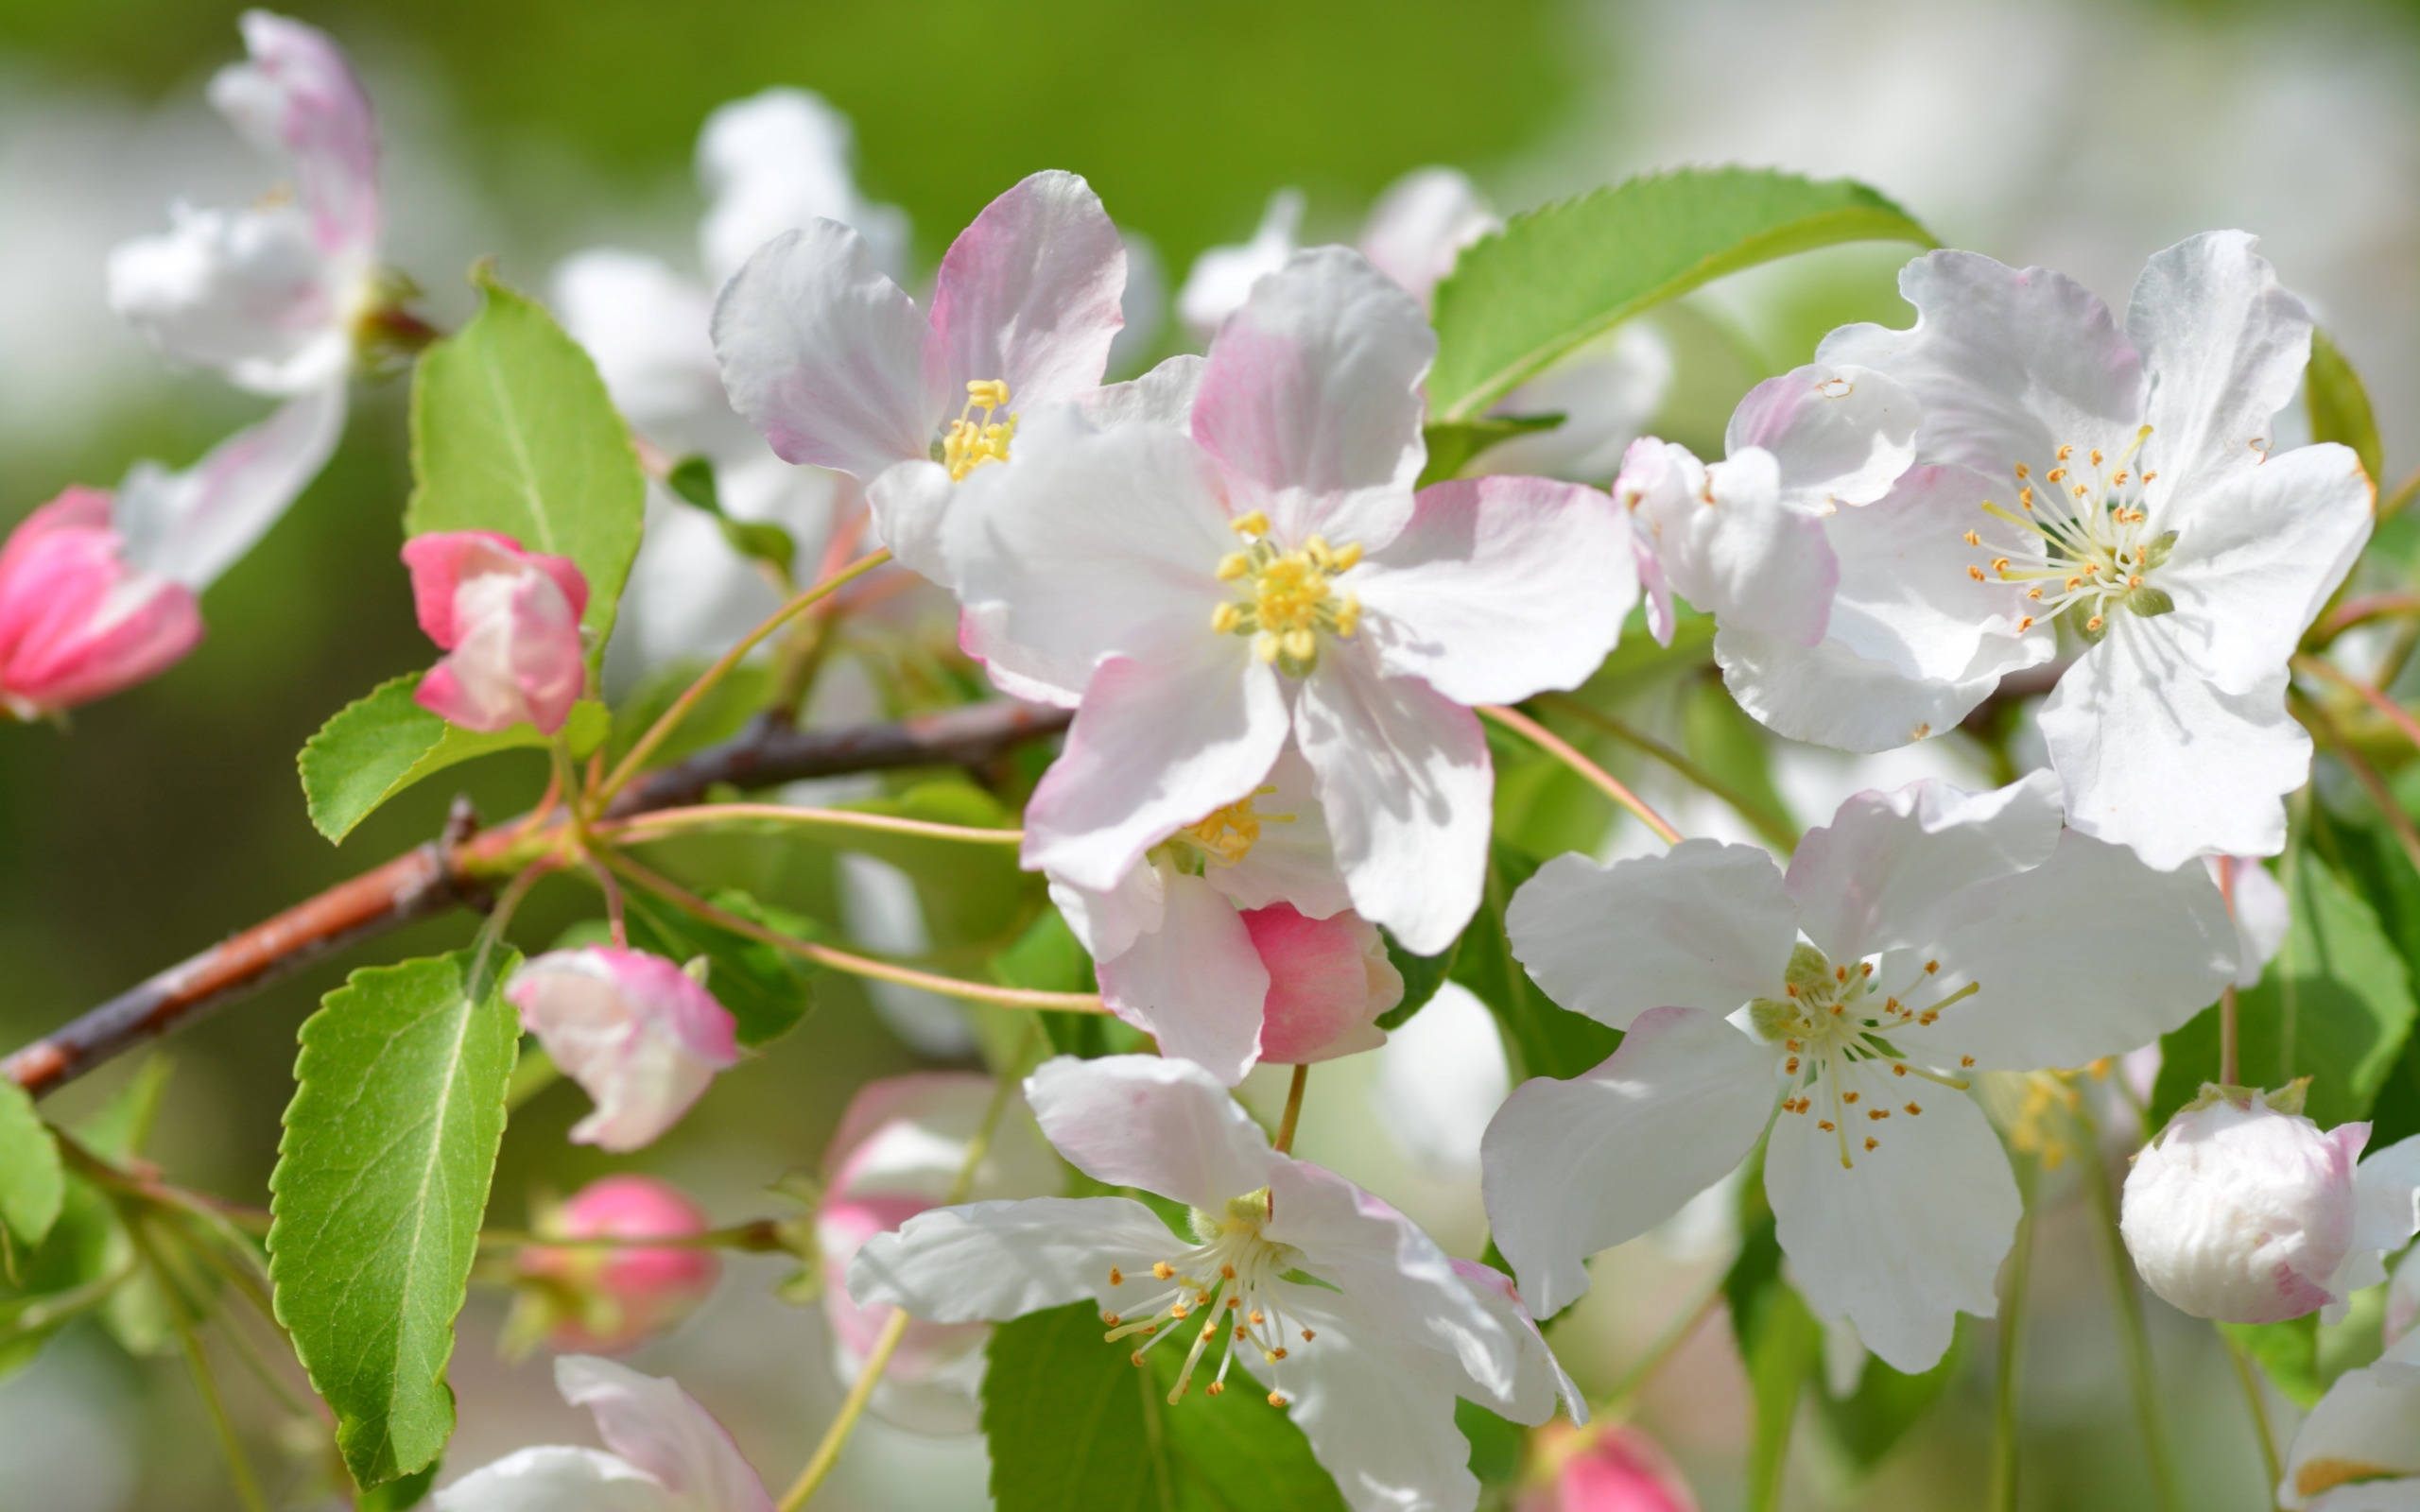 первую очередь фото цветущей яблони на рабочий стол некоторых мальчиков рождения